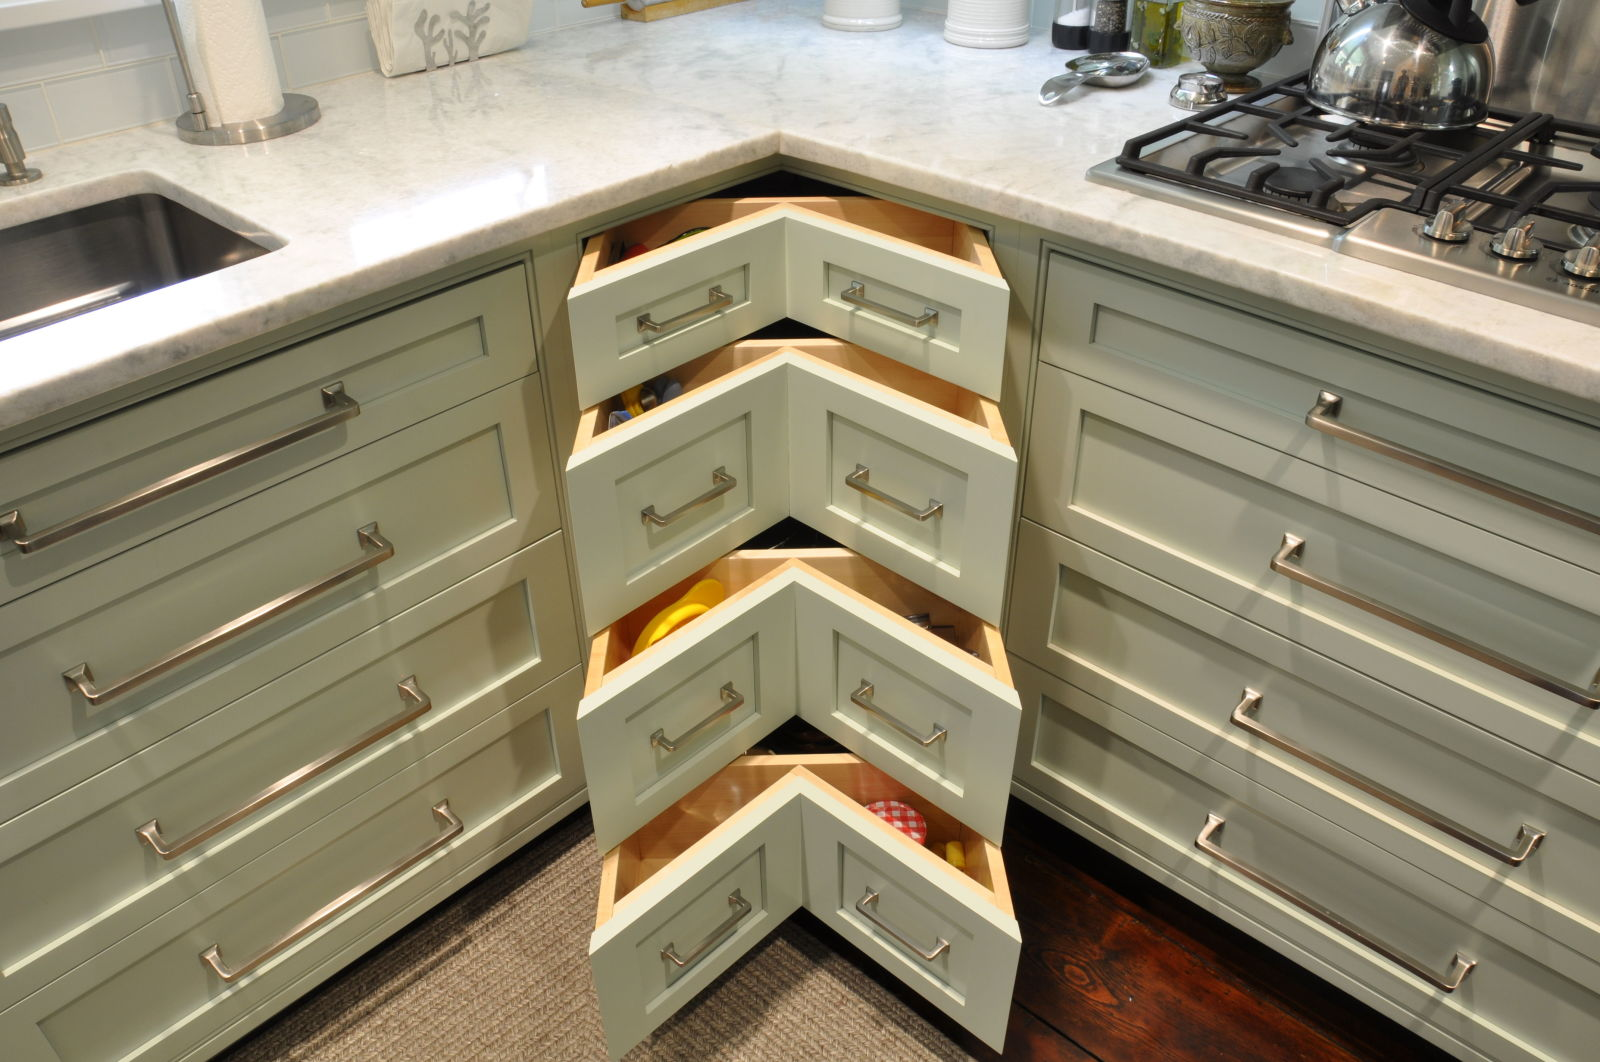 Top 5 Modern Kitchen Cabinet Designs | ToLet Insider